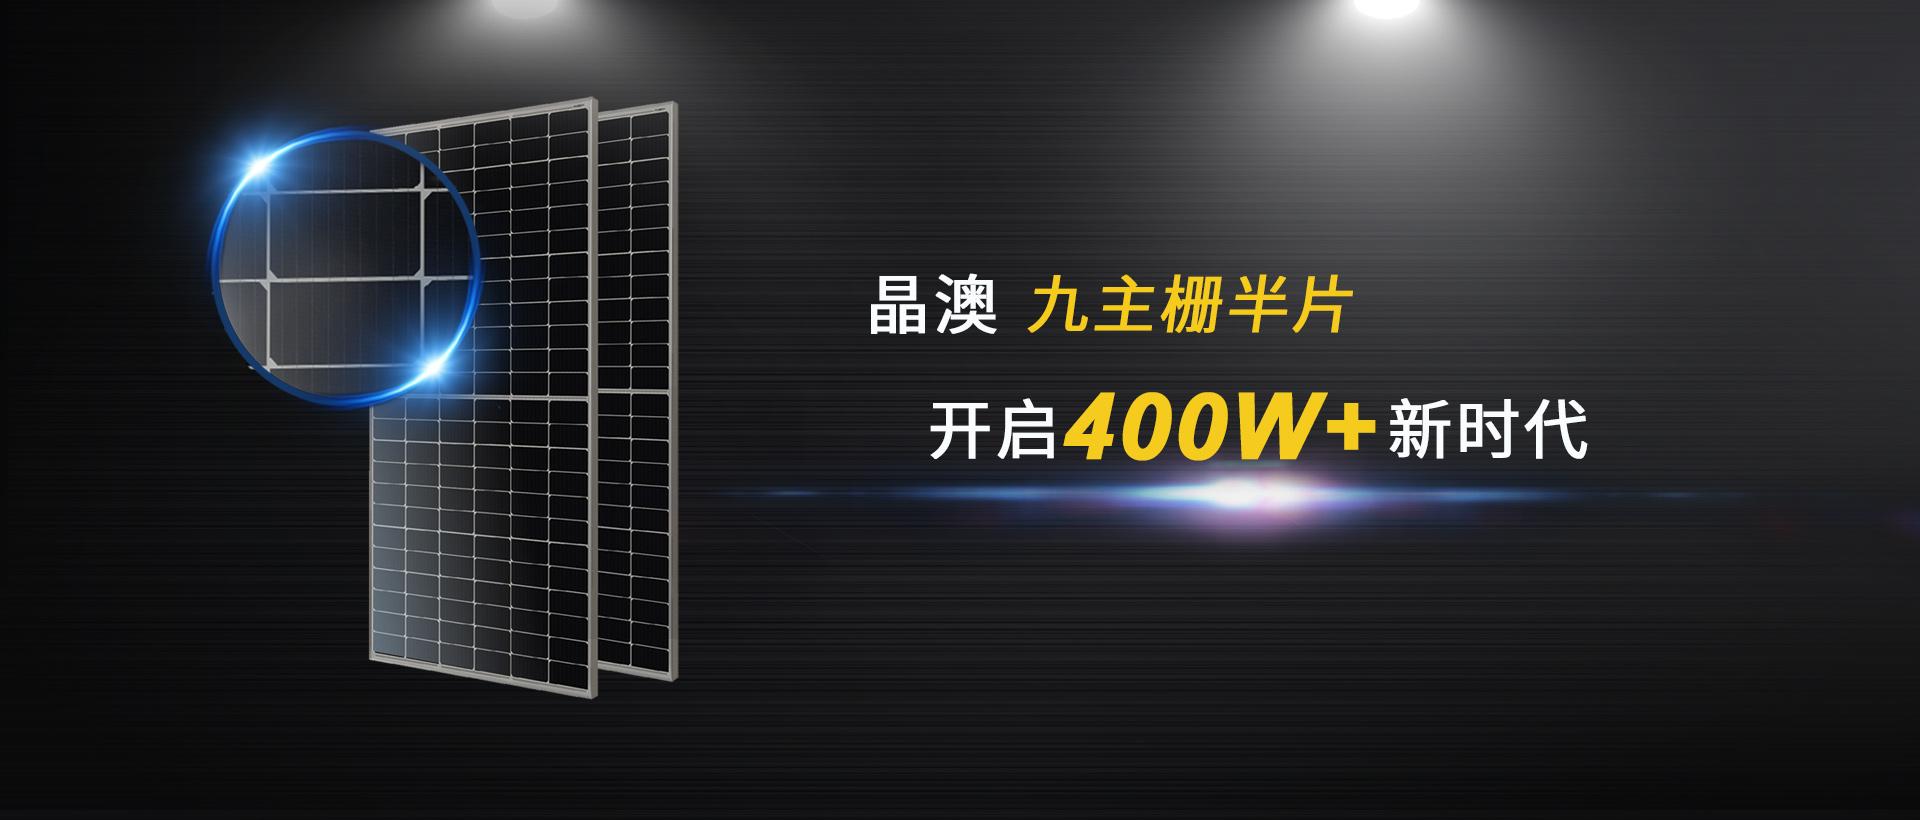 晶澳太阳能——高性能光伏产品制造商